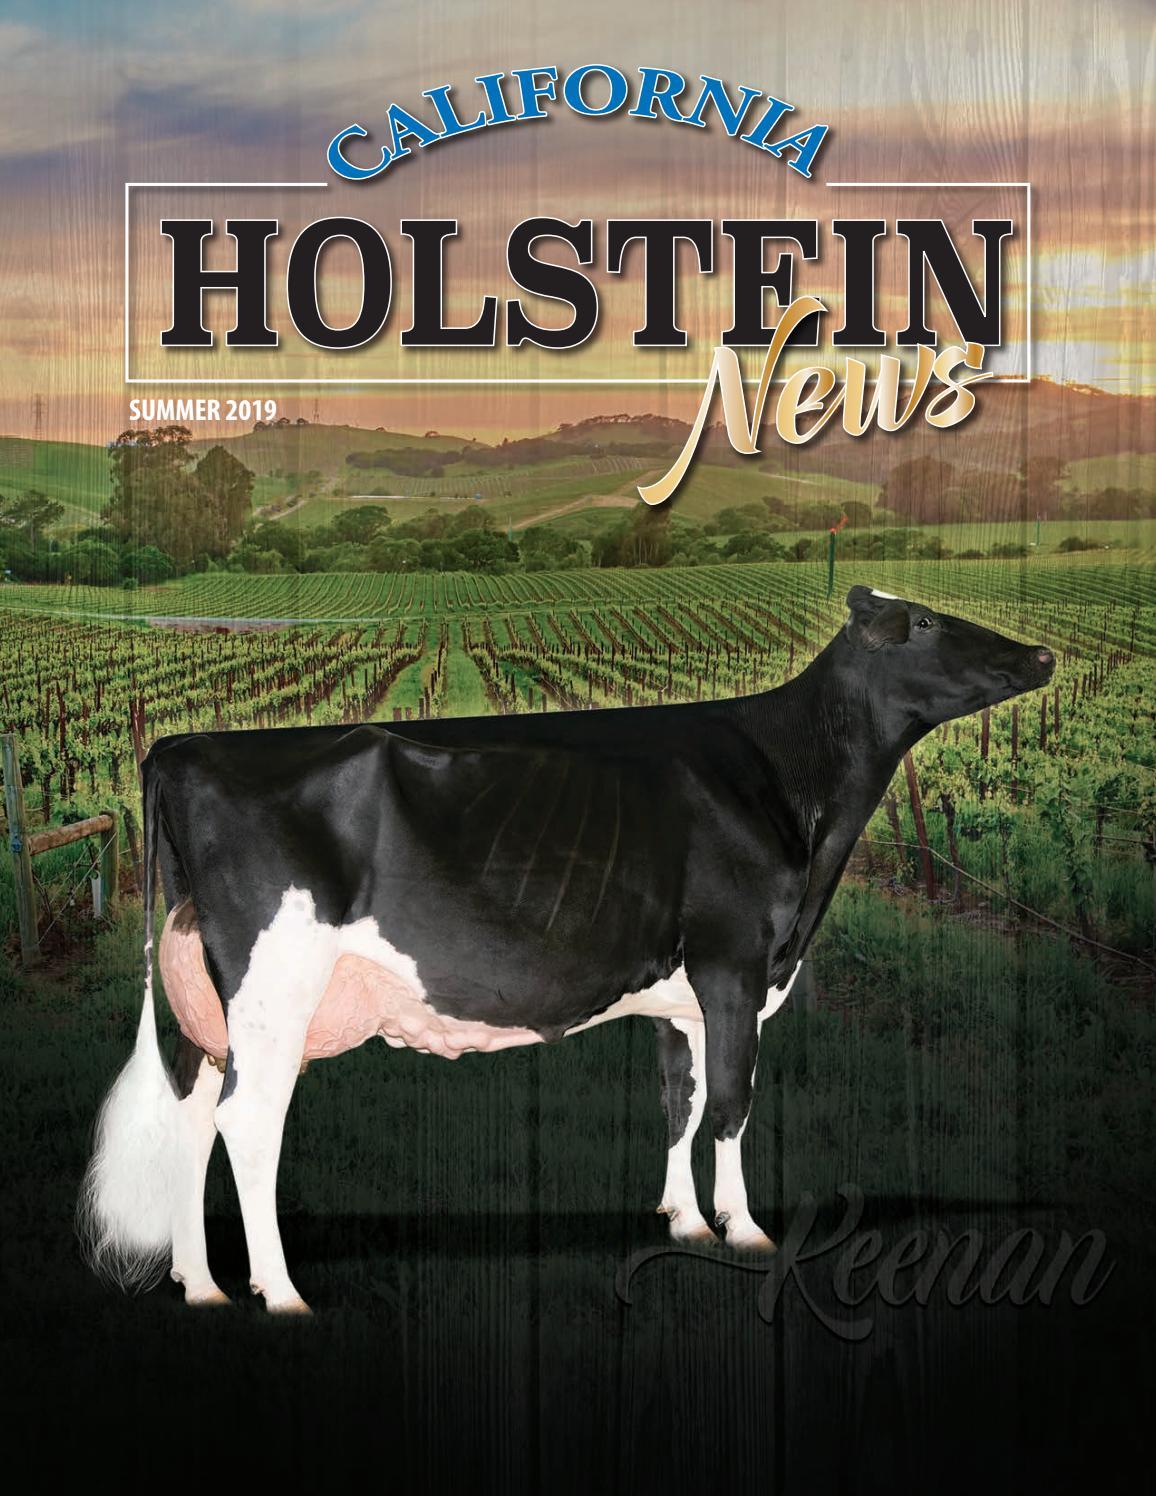 California Holstein News 2019 by Cowsmopolitan - issuu